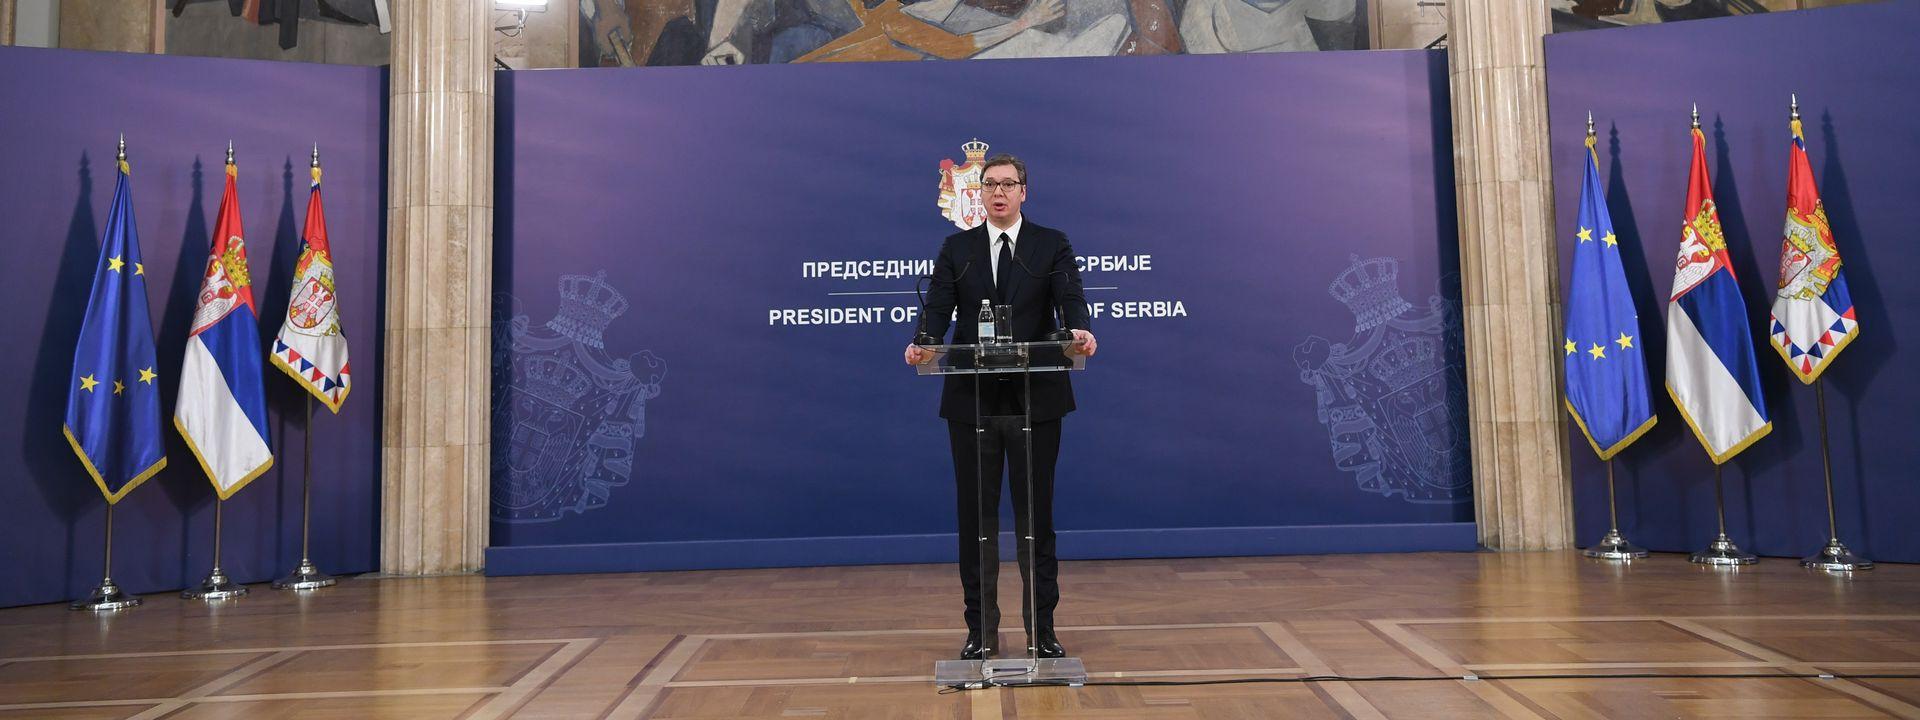 Vučić posle povratka iz SAD: Srbija neće naseljavati migrante